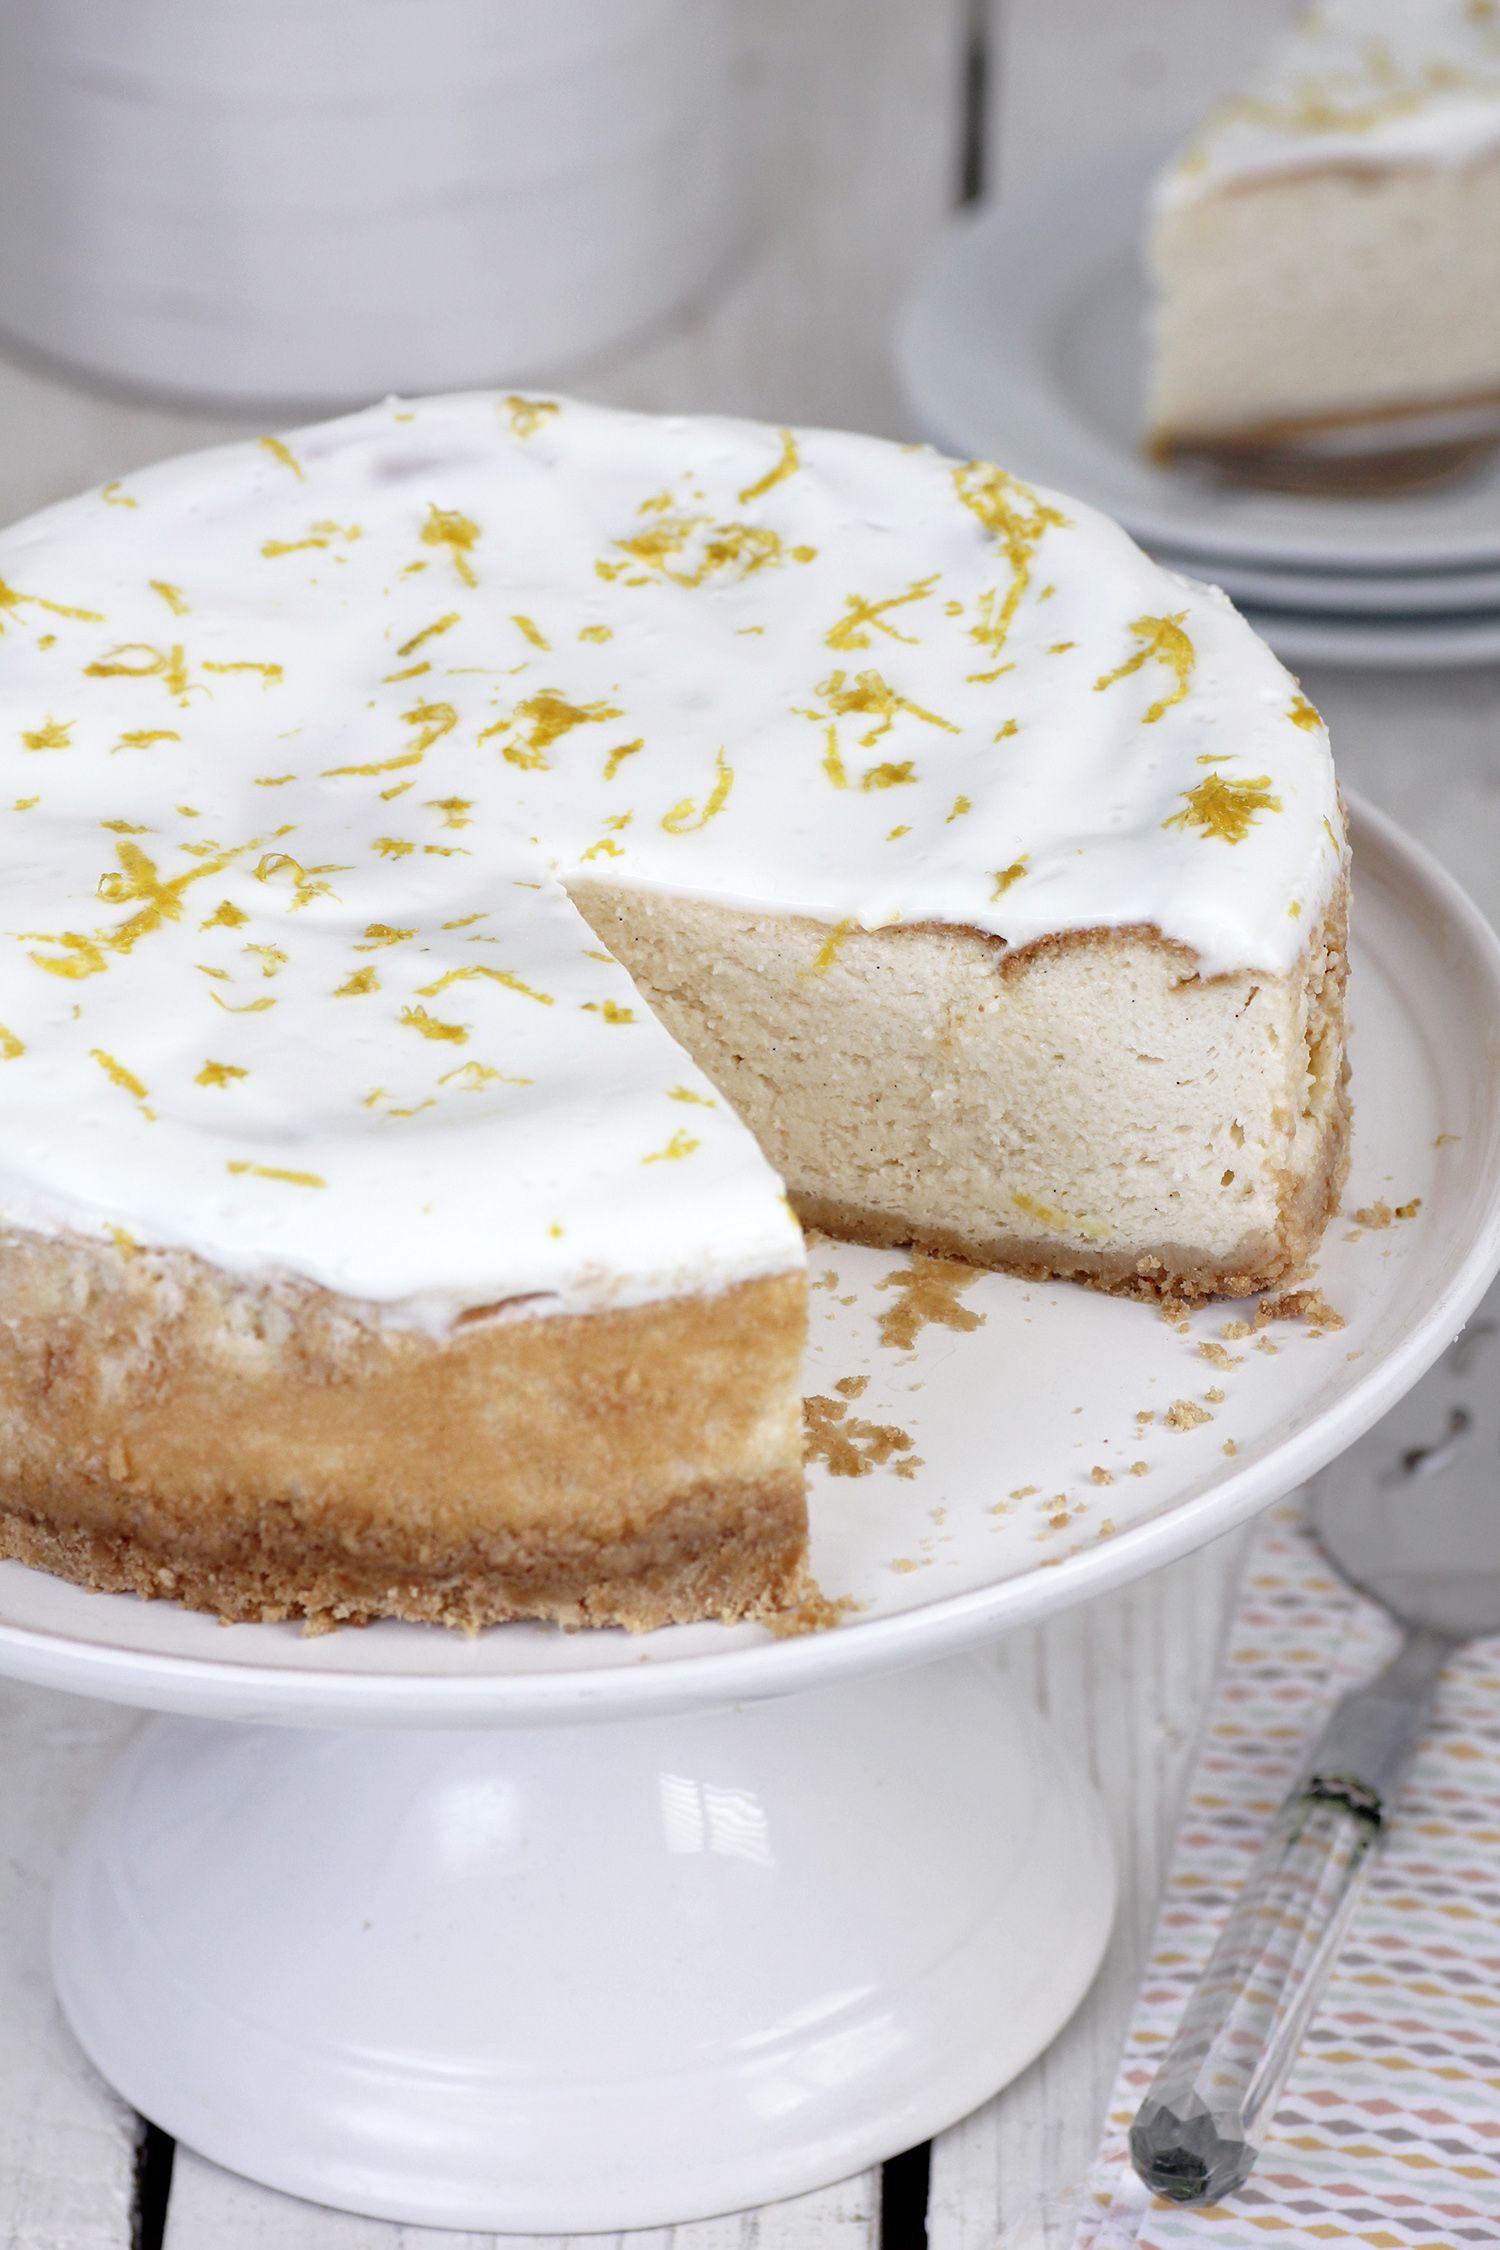 עוגת גבינה קלה עם יוגורט